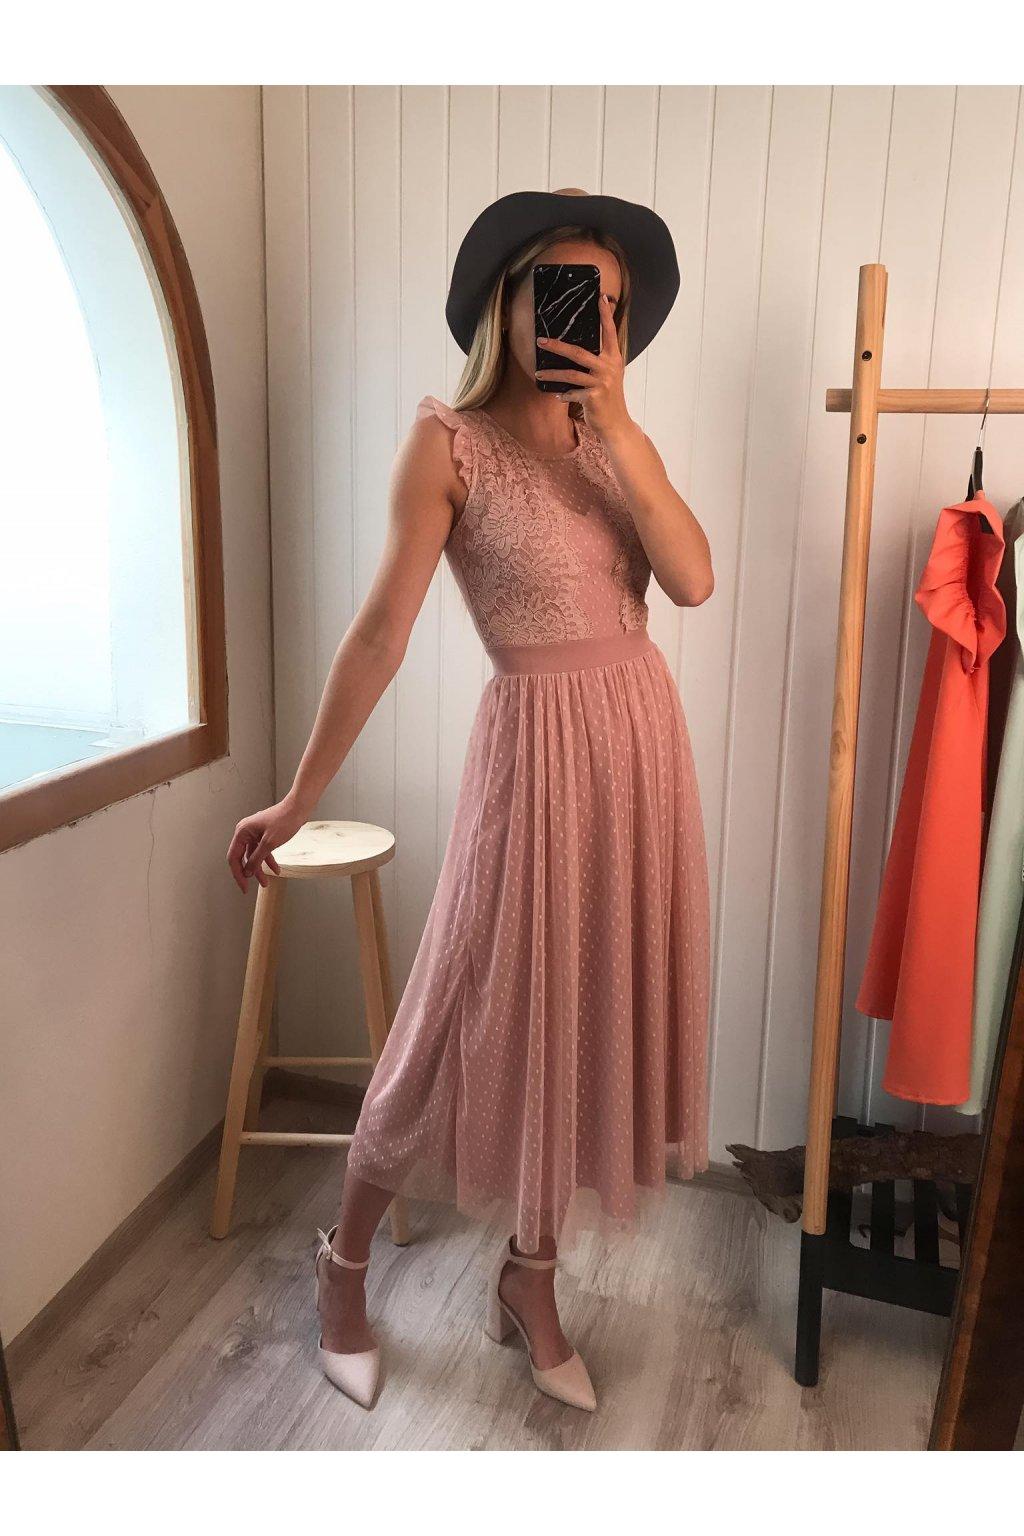 Ružové tylové šaty, spoločenské šaty, s krajkou, midi šaty, elegantné šaty, sieťkované šaty, cribs, prešov hlavná 120, Bardejov, módny butik (1)